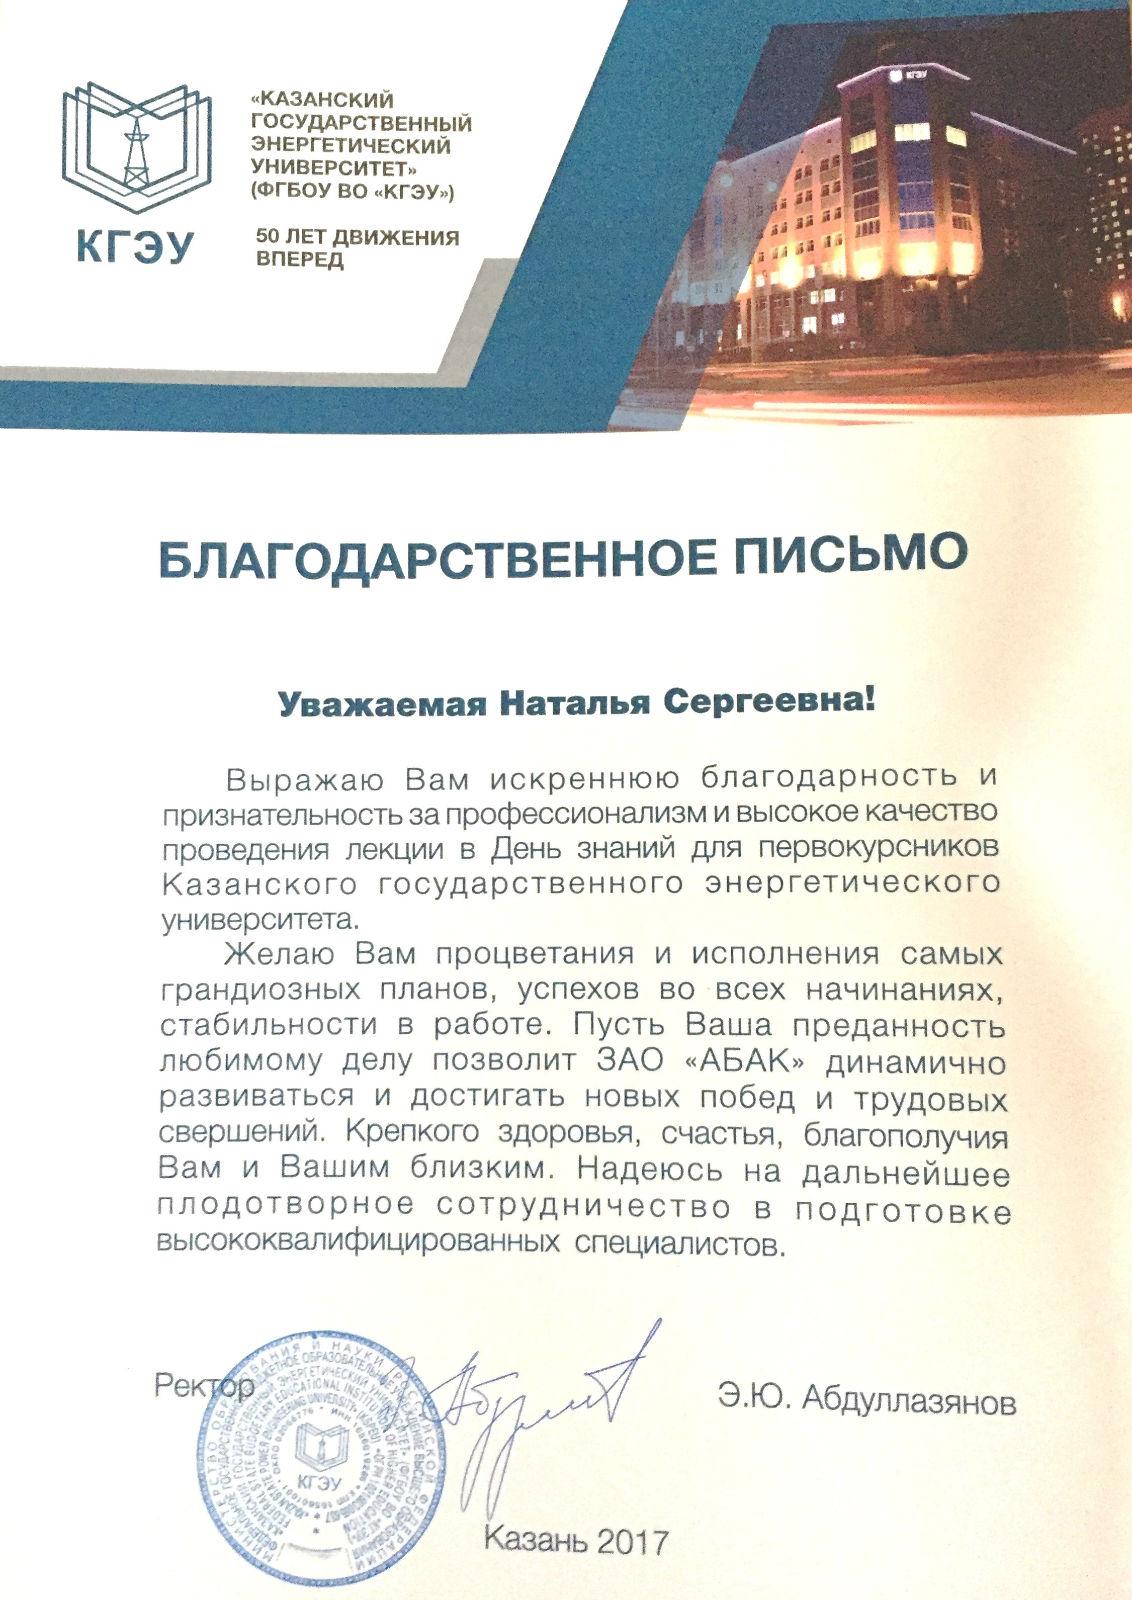 участие АБАК в дне первокурсника КГЭУ благодарственное письмо